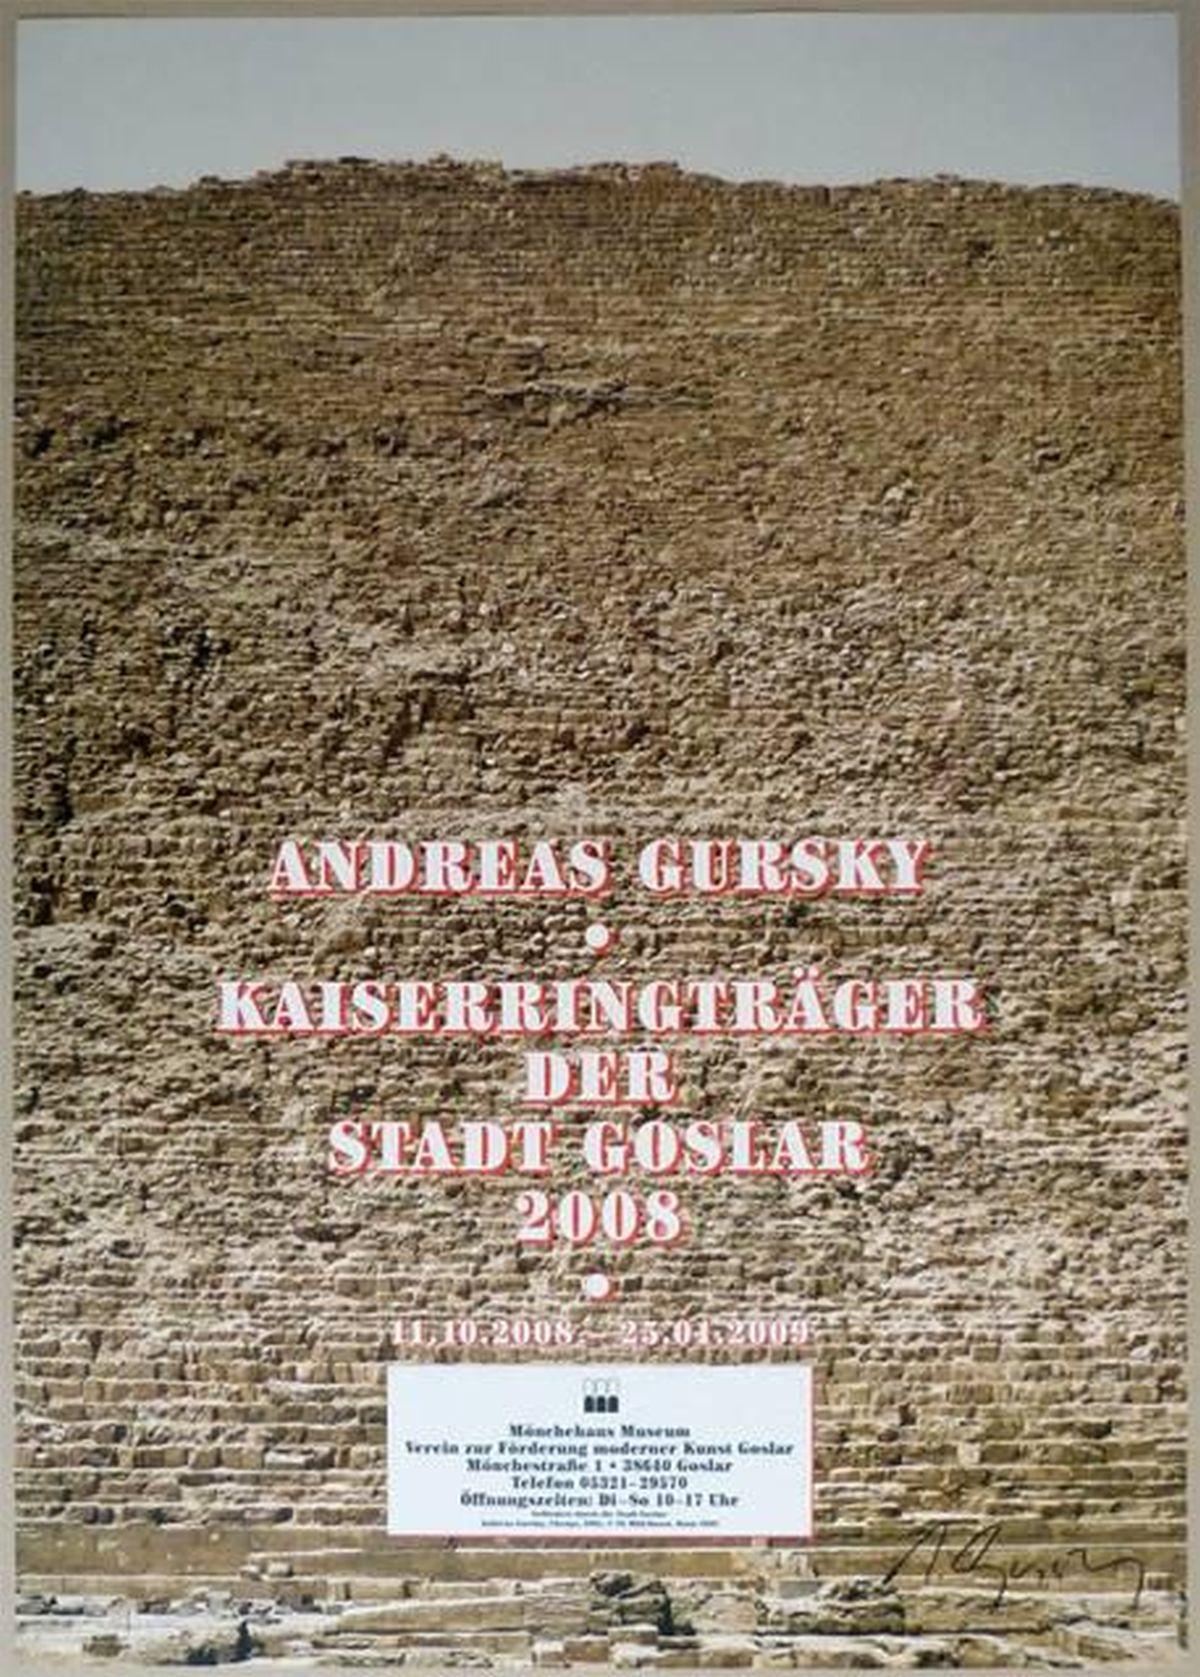 Andreas Gursky - Cheops, handsigniert kopen? Bied vanaf 360!